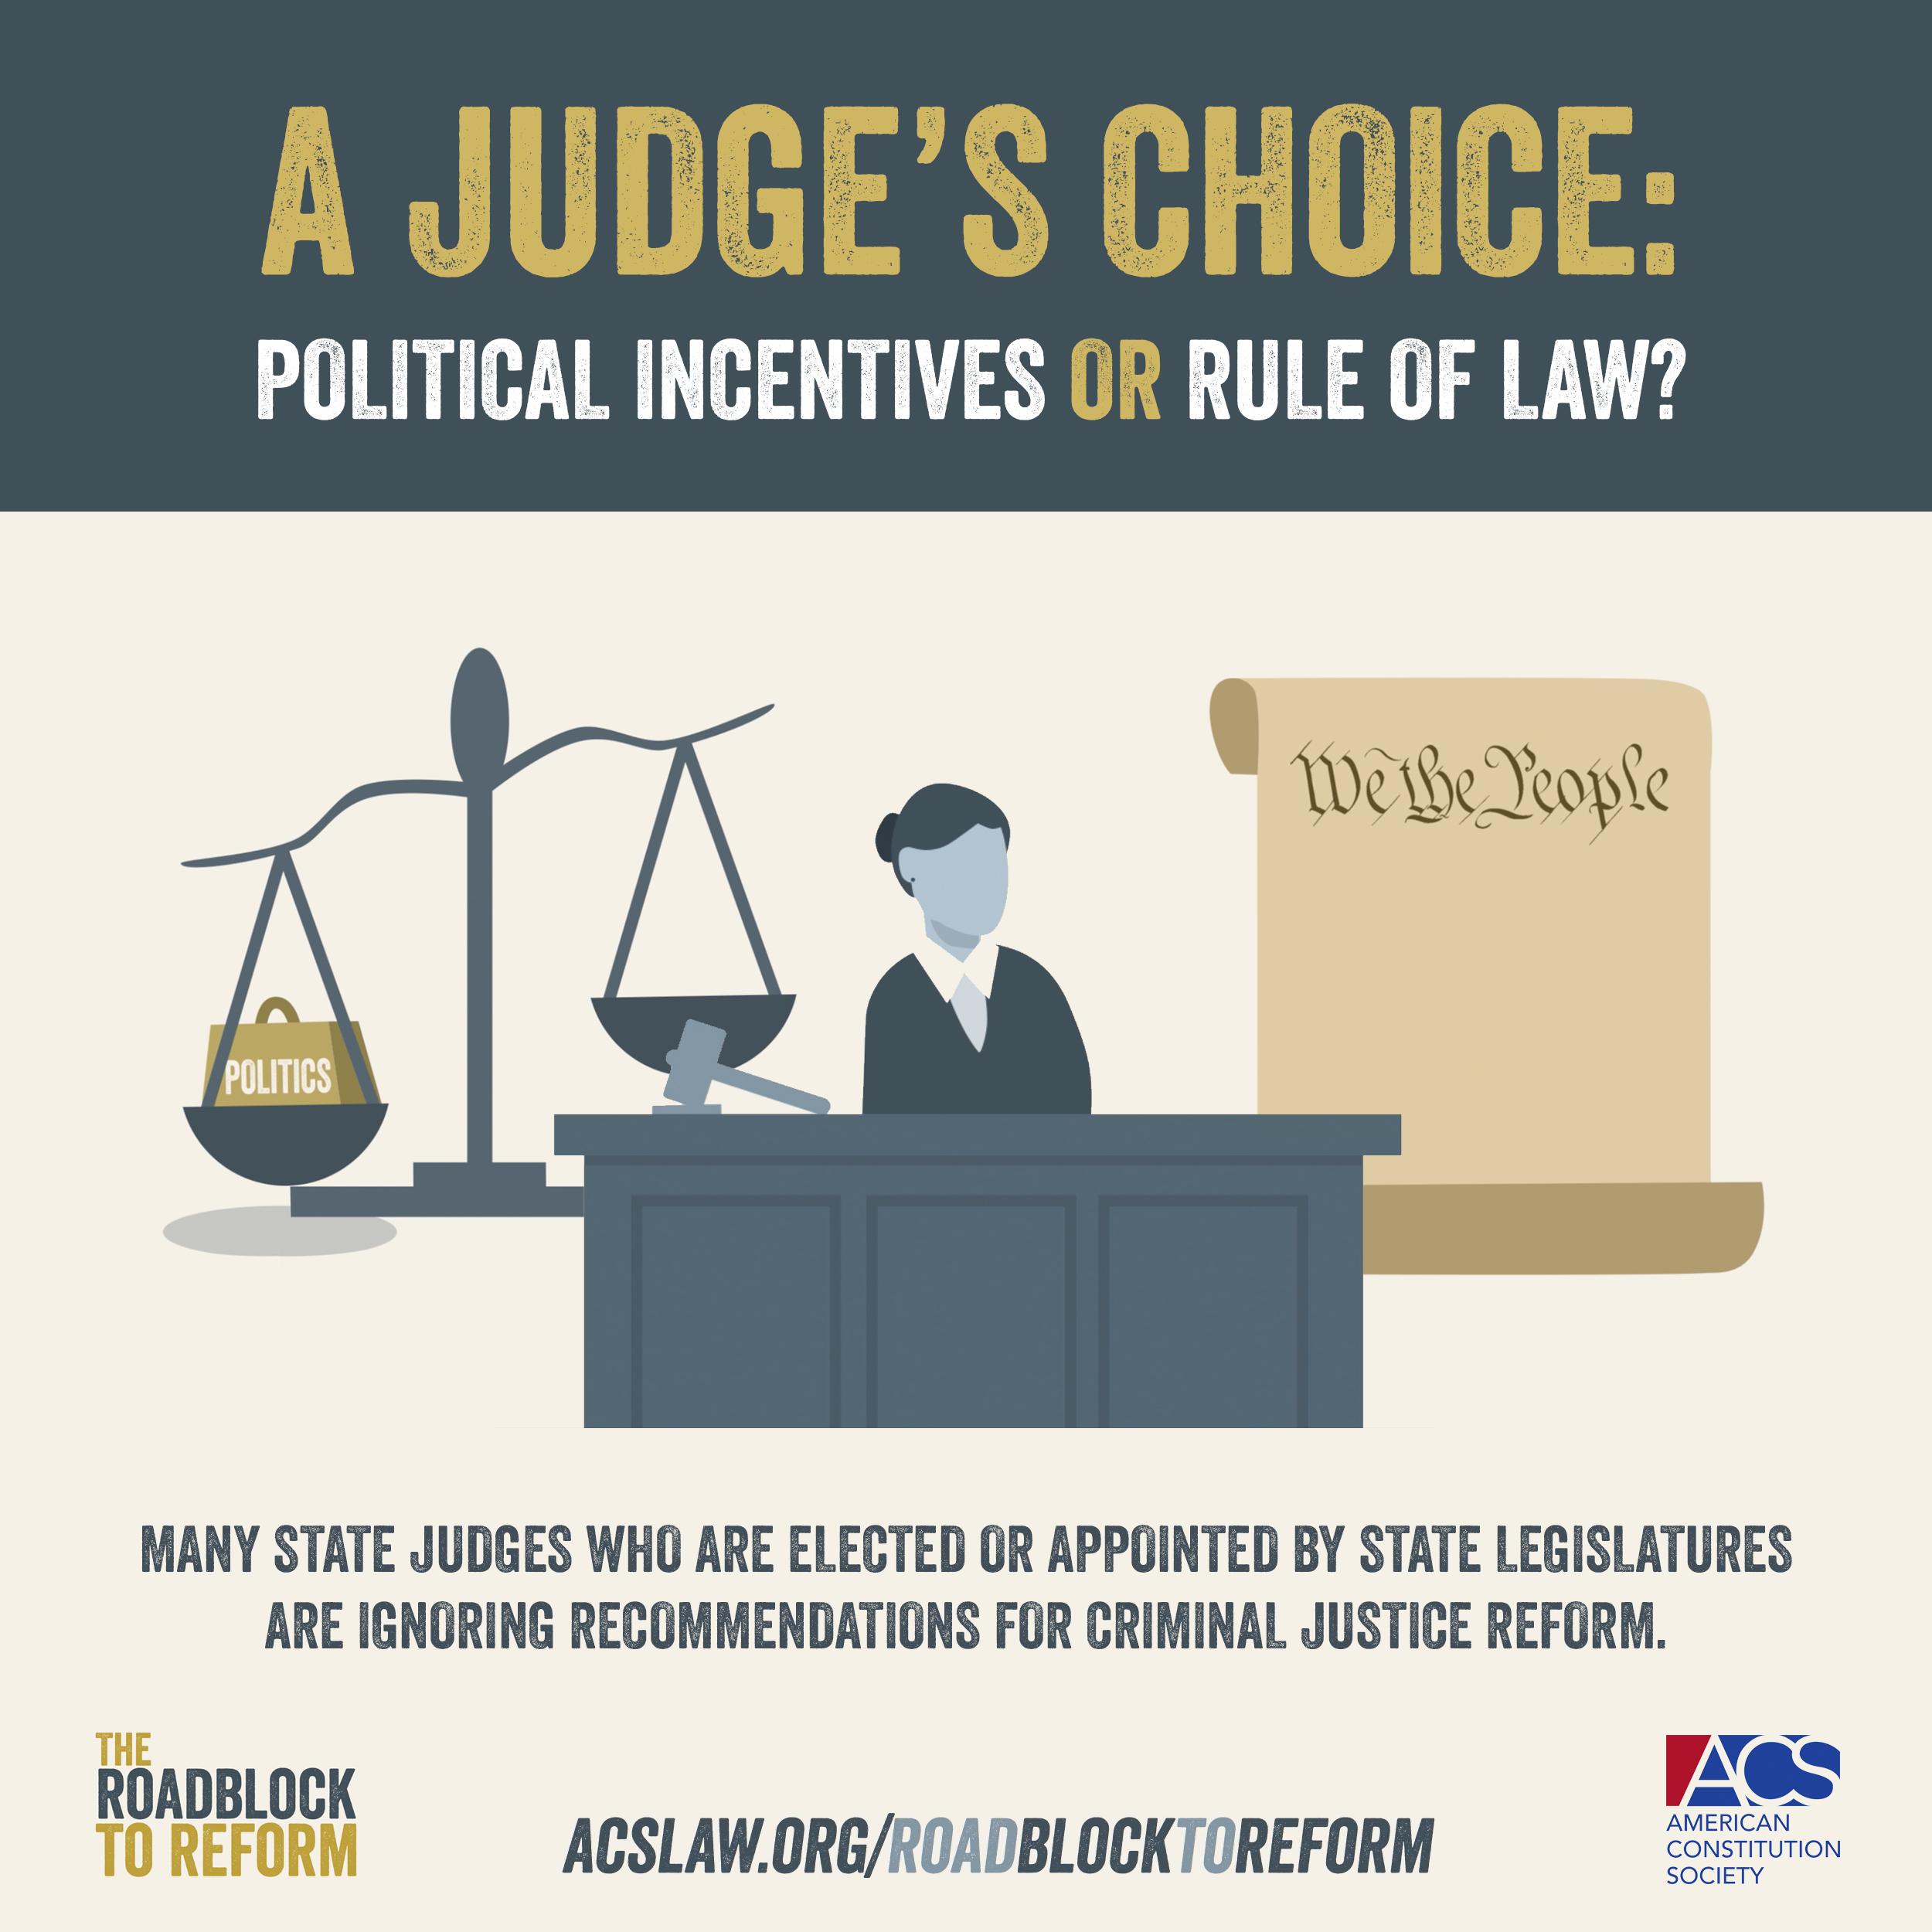 A Judge's Choice